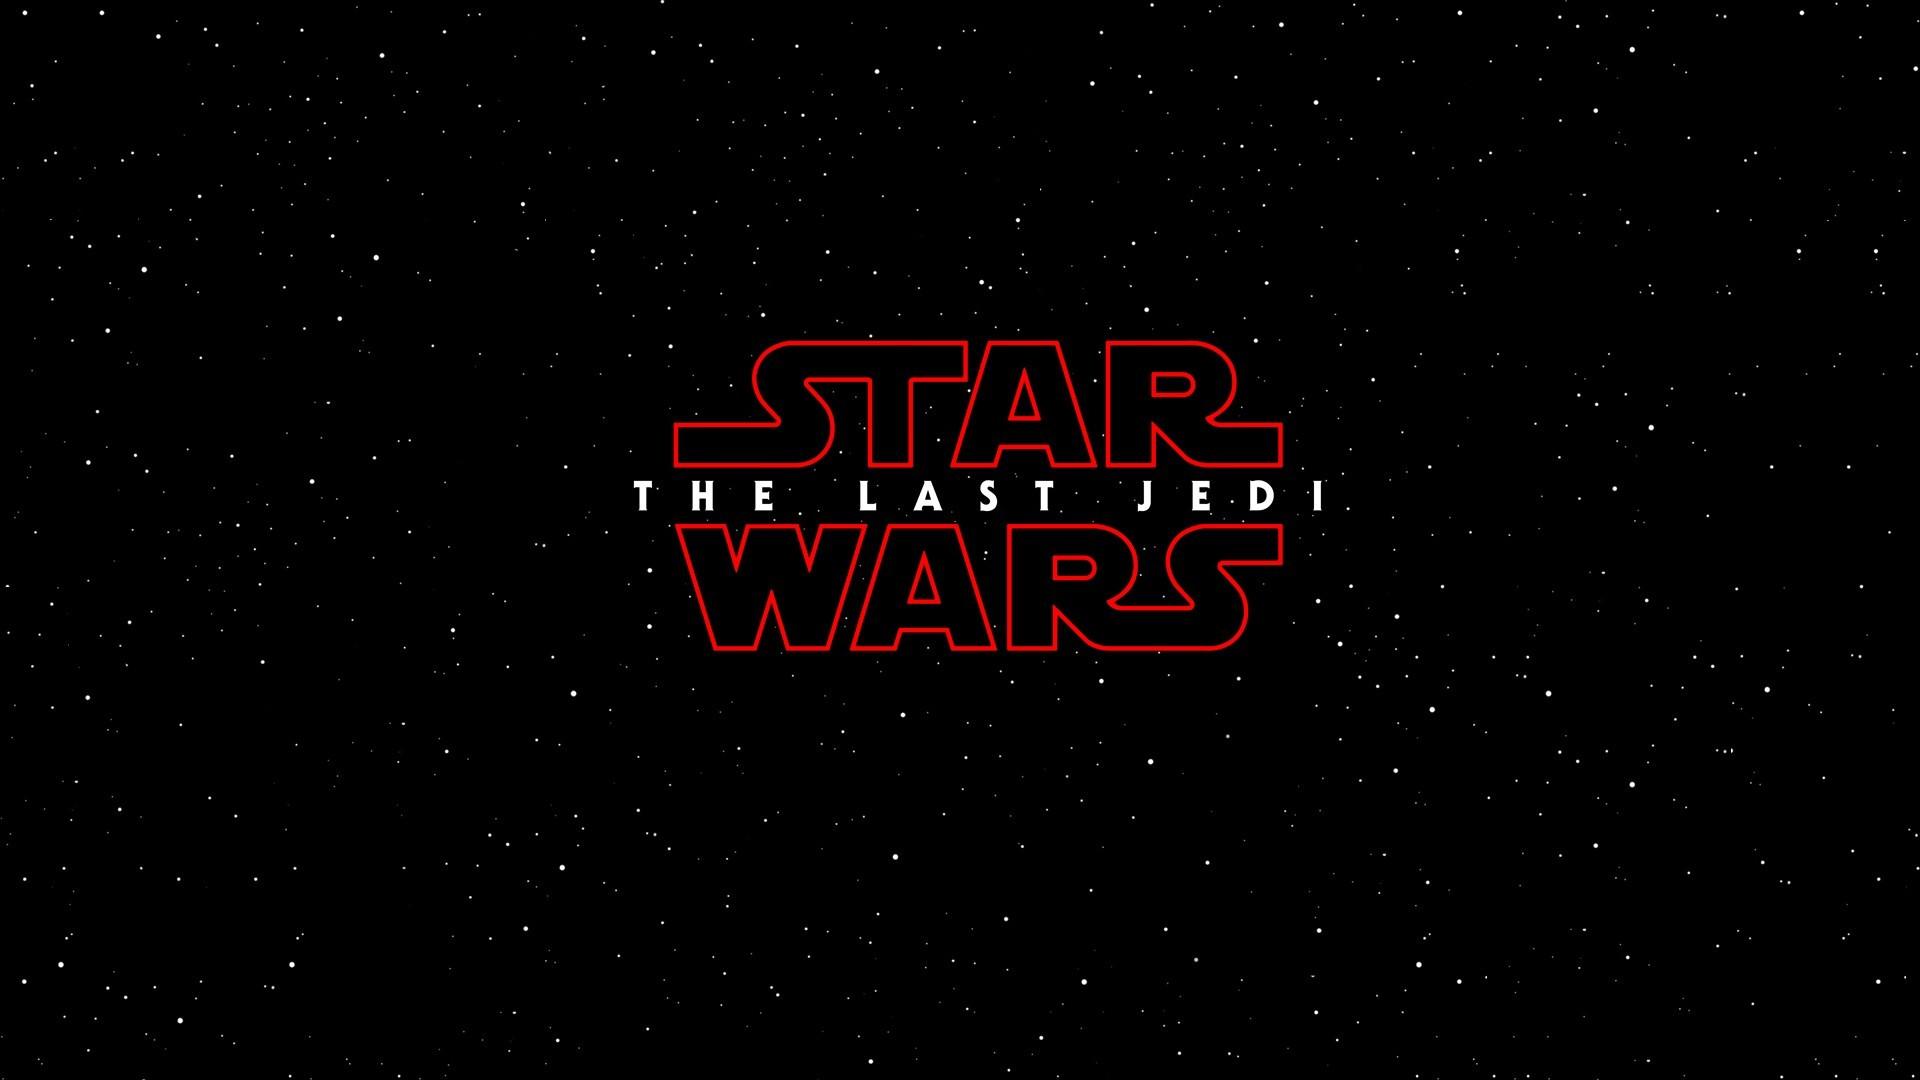 1080x1920 Star Wars Jedi Wallpaper Hd